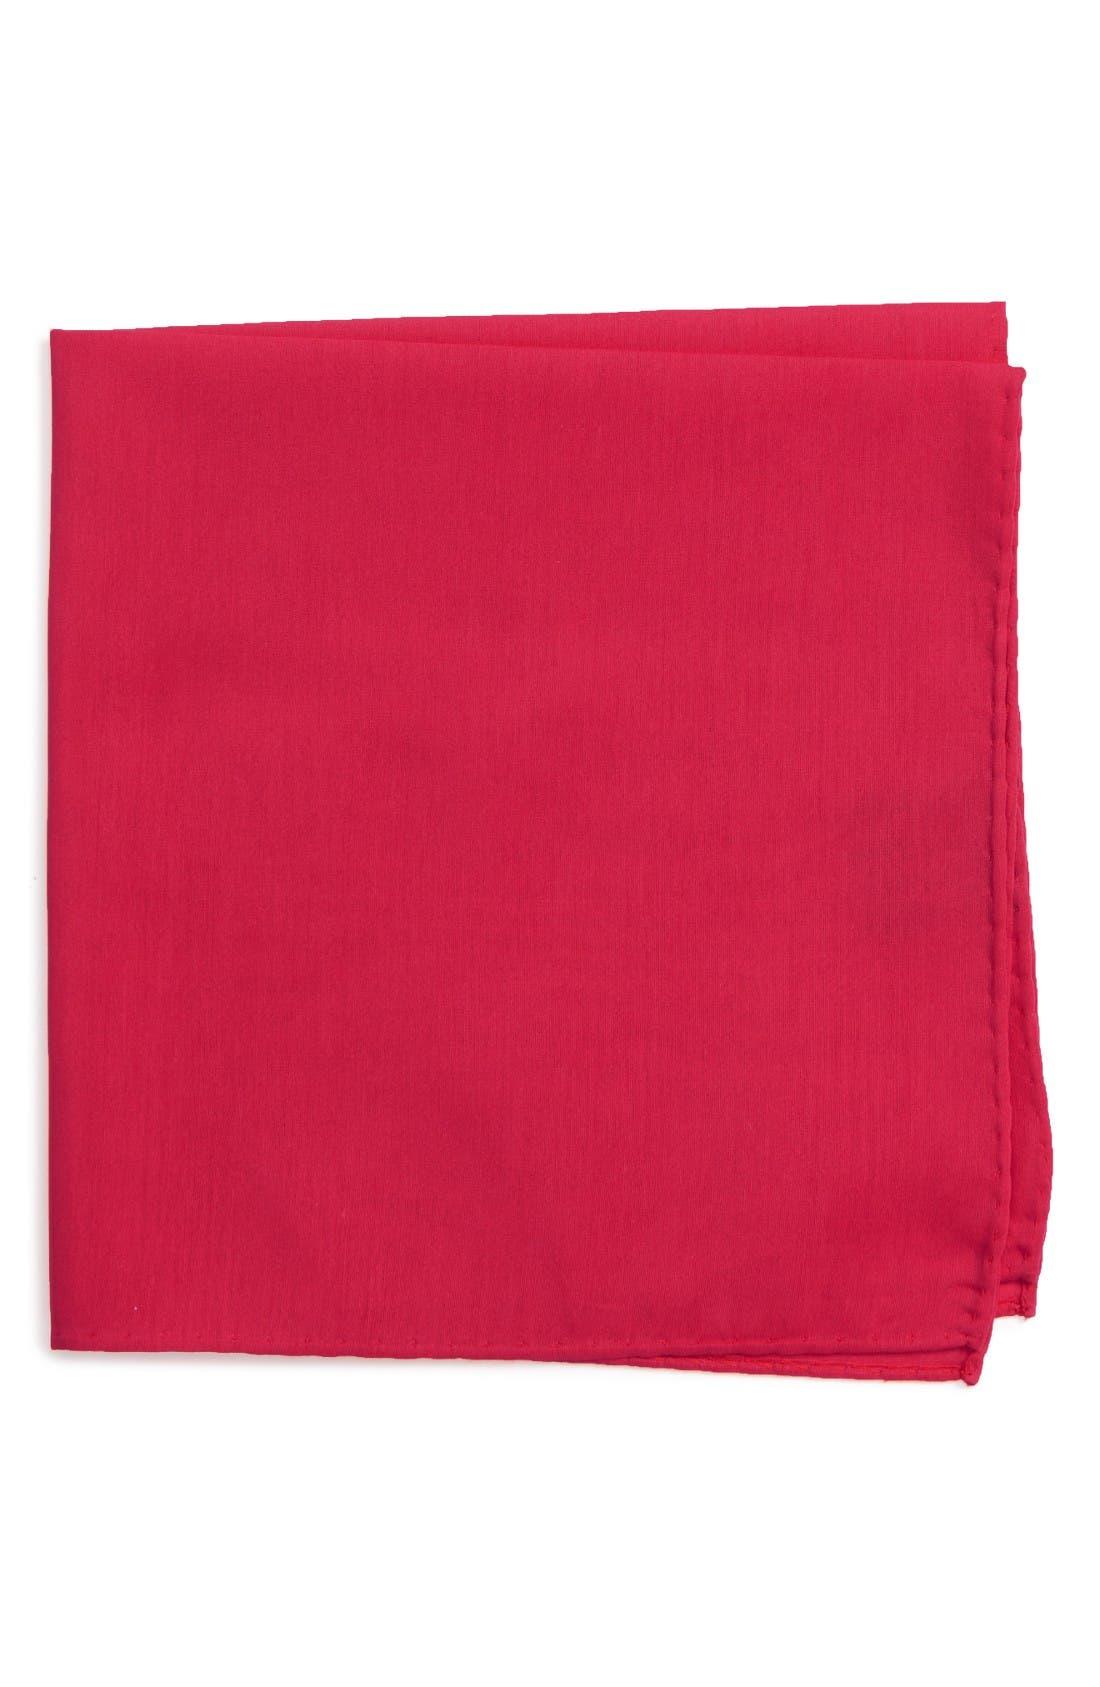 Nordstrom Men's Shop Solid Cotton & Silk Pocket Square